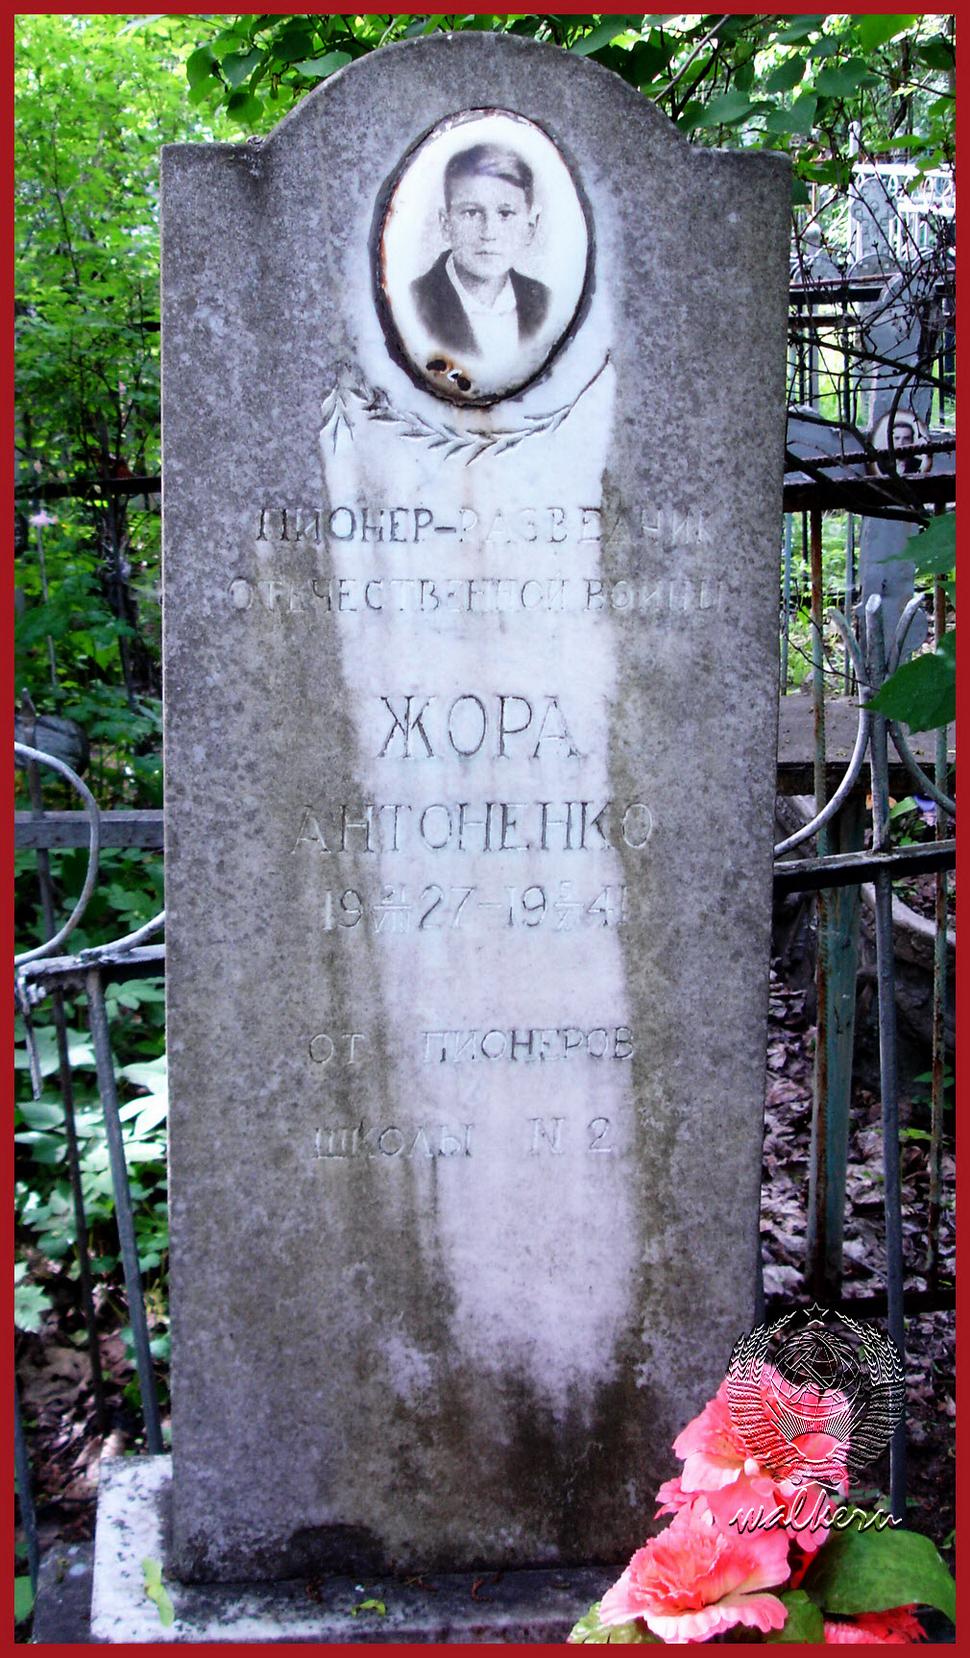 Могила AHTОHEHK0 Г.Ф на кладбище в Мартышкино